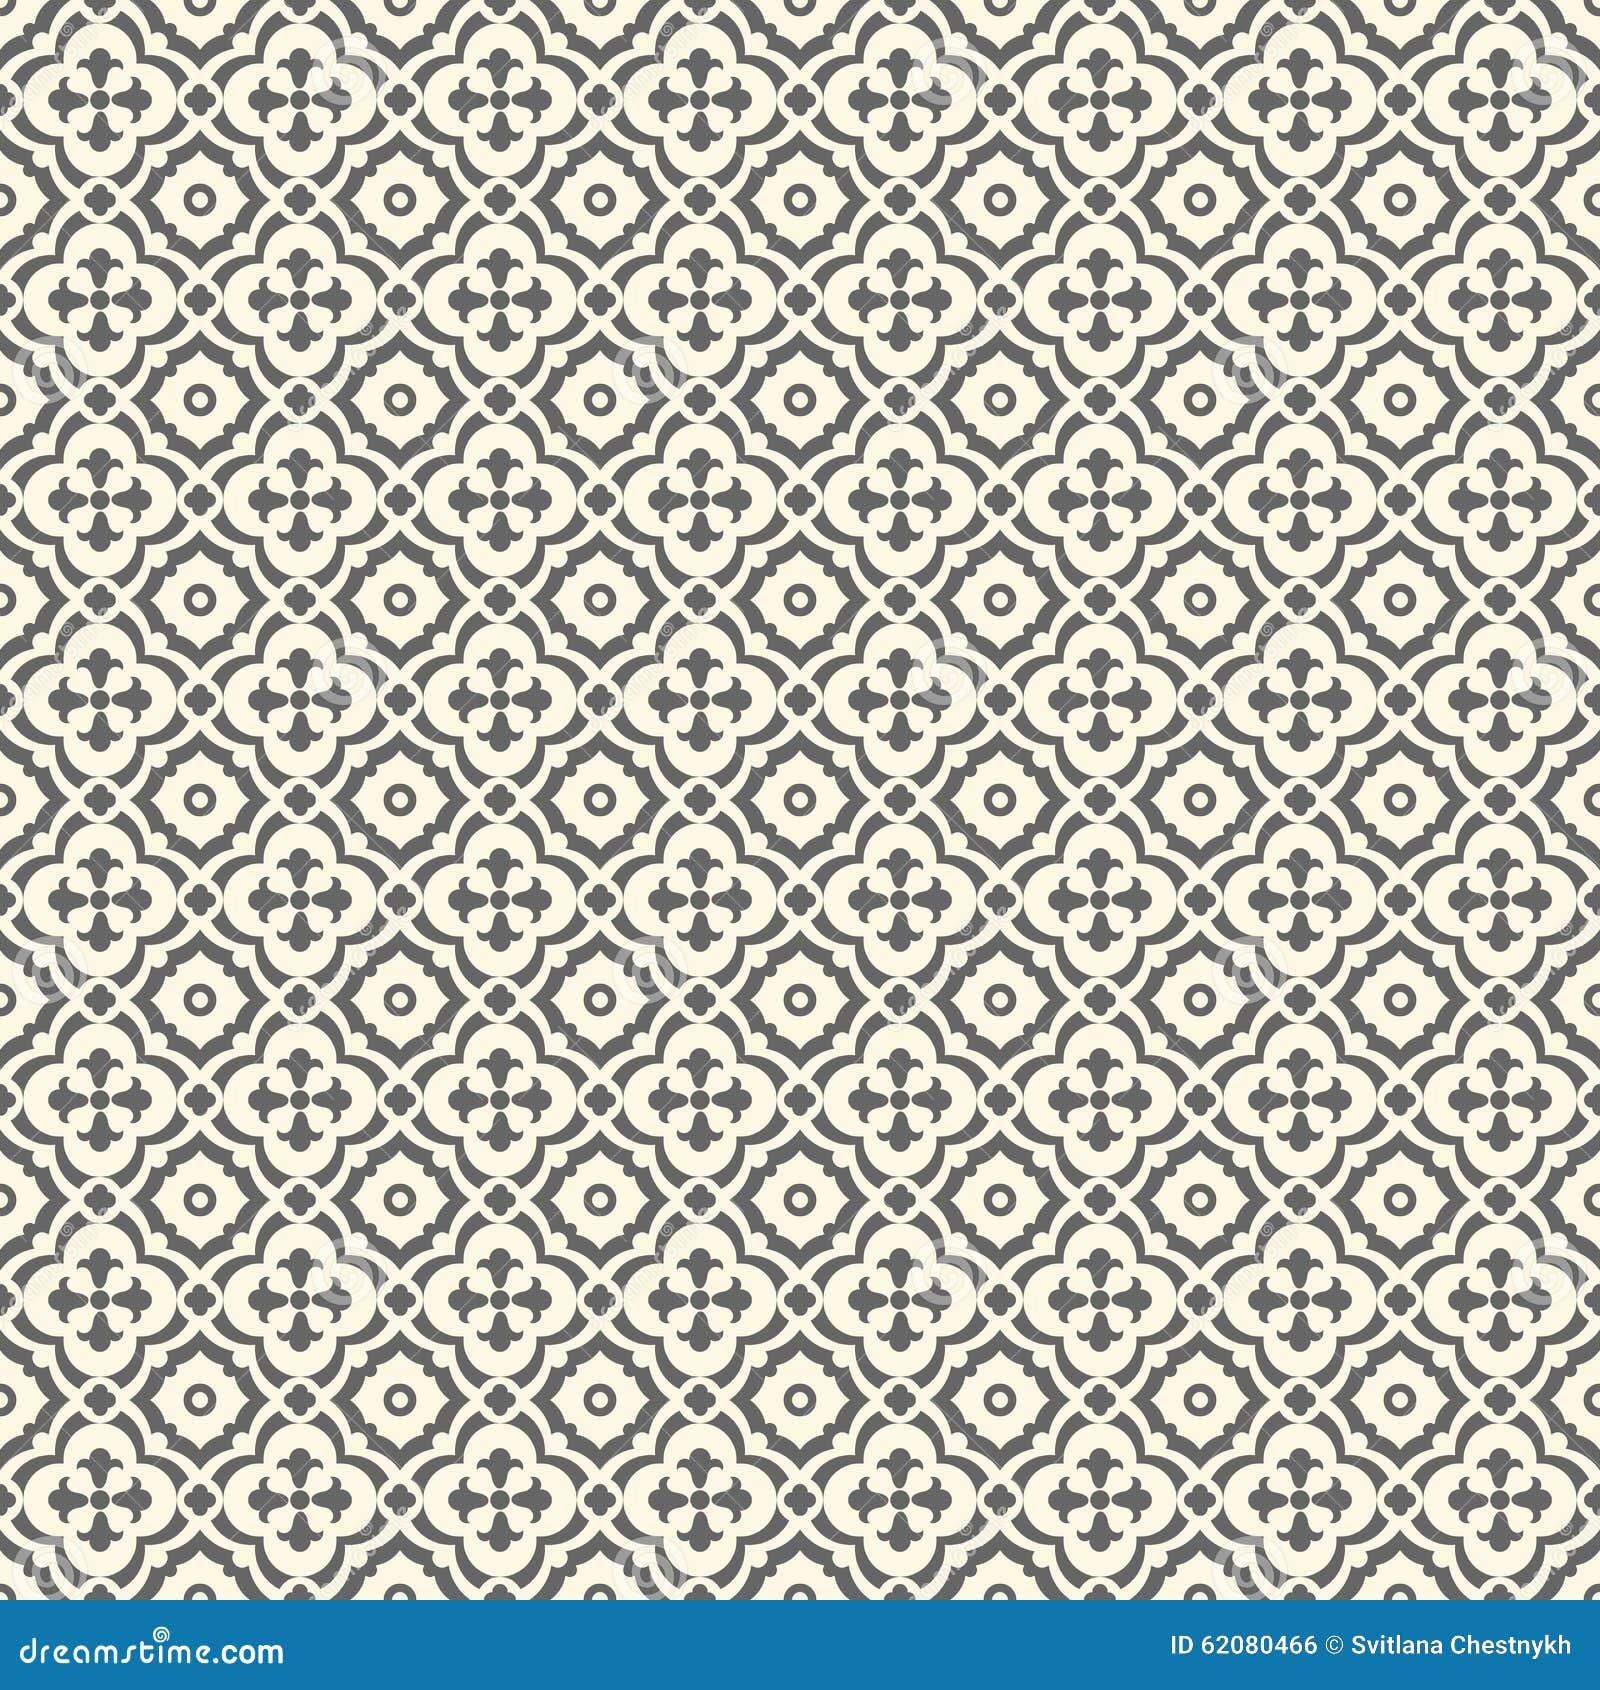 Retro bodenfliesen patern vektor abbildung bild 62080466 - Bodenfliesen retro ...